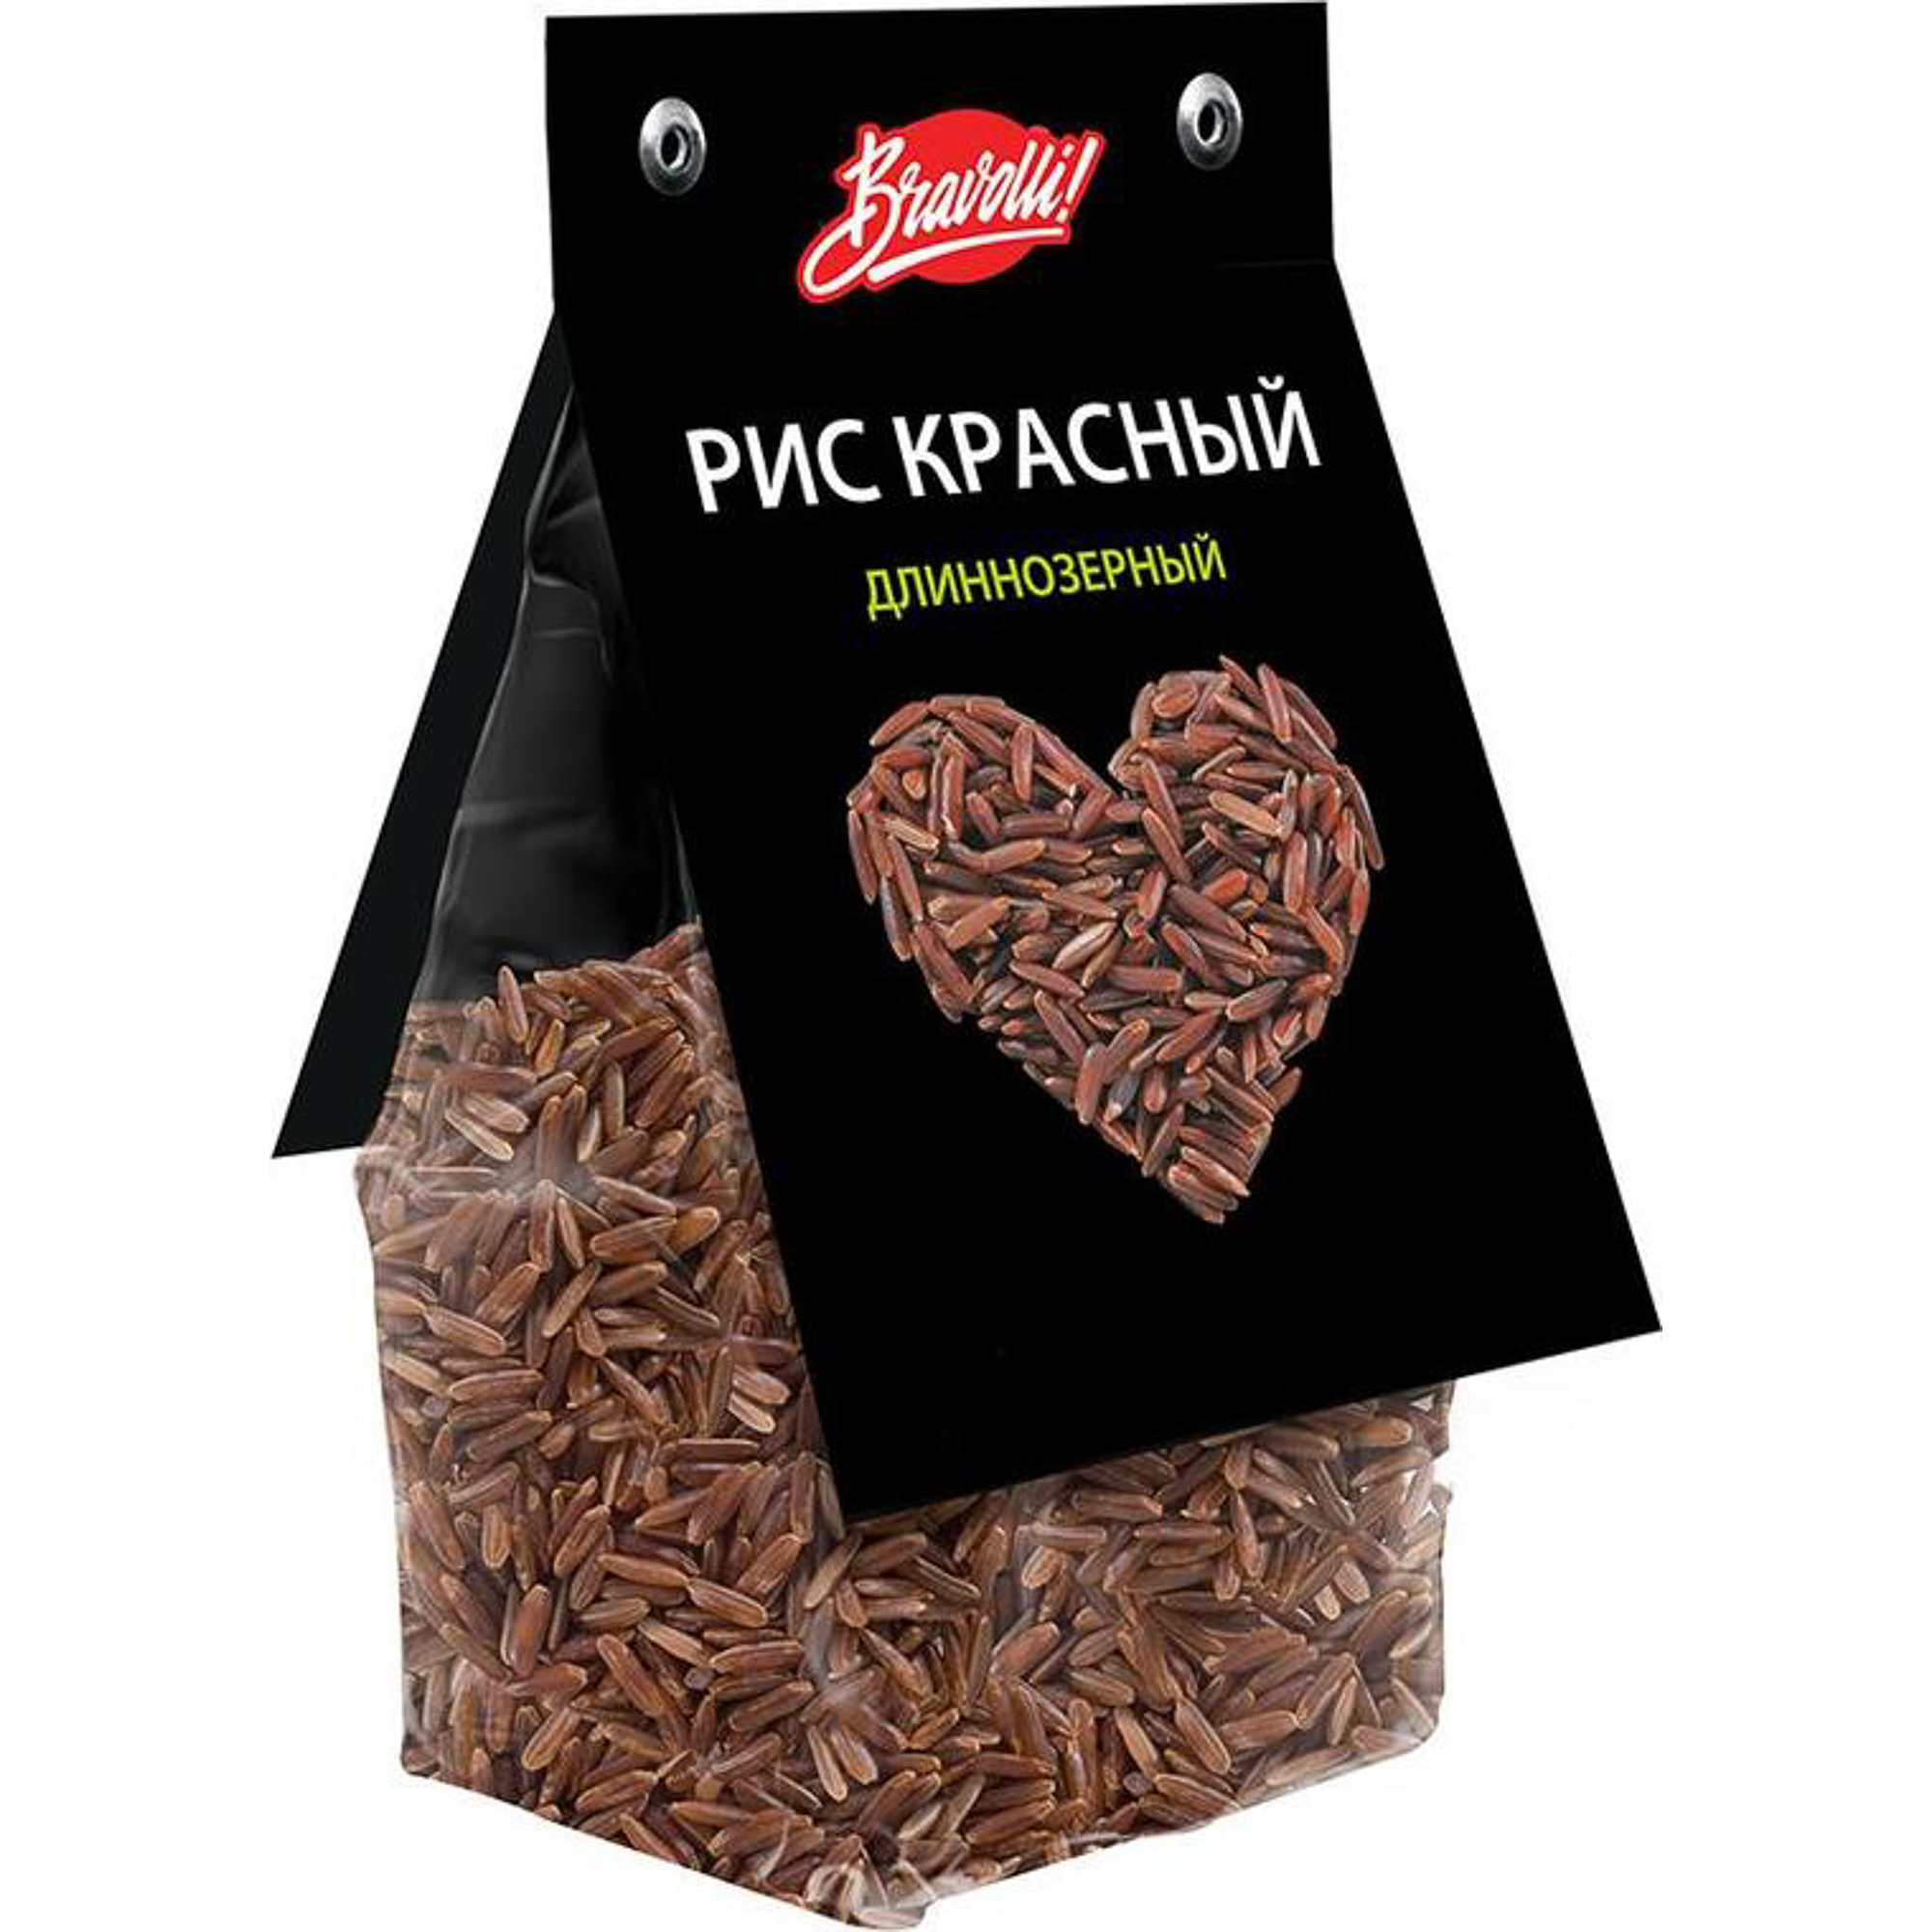 Рис Bravolli длиннозерный красный 350 г недорого